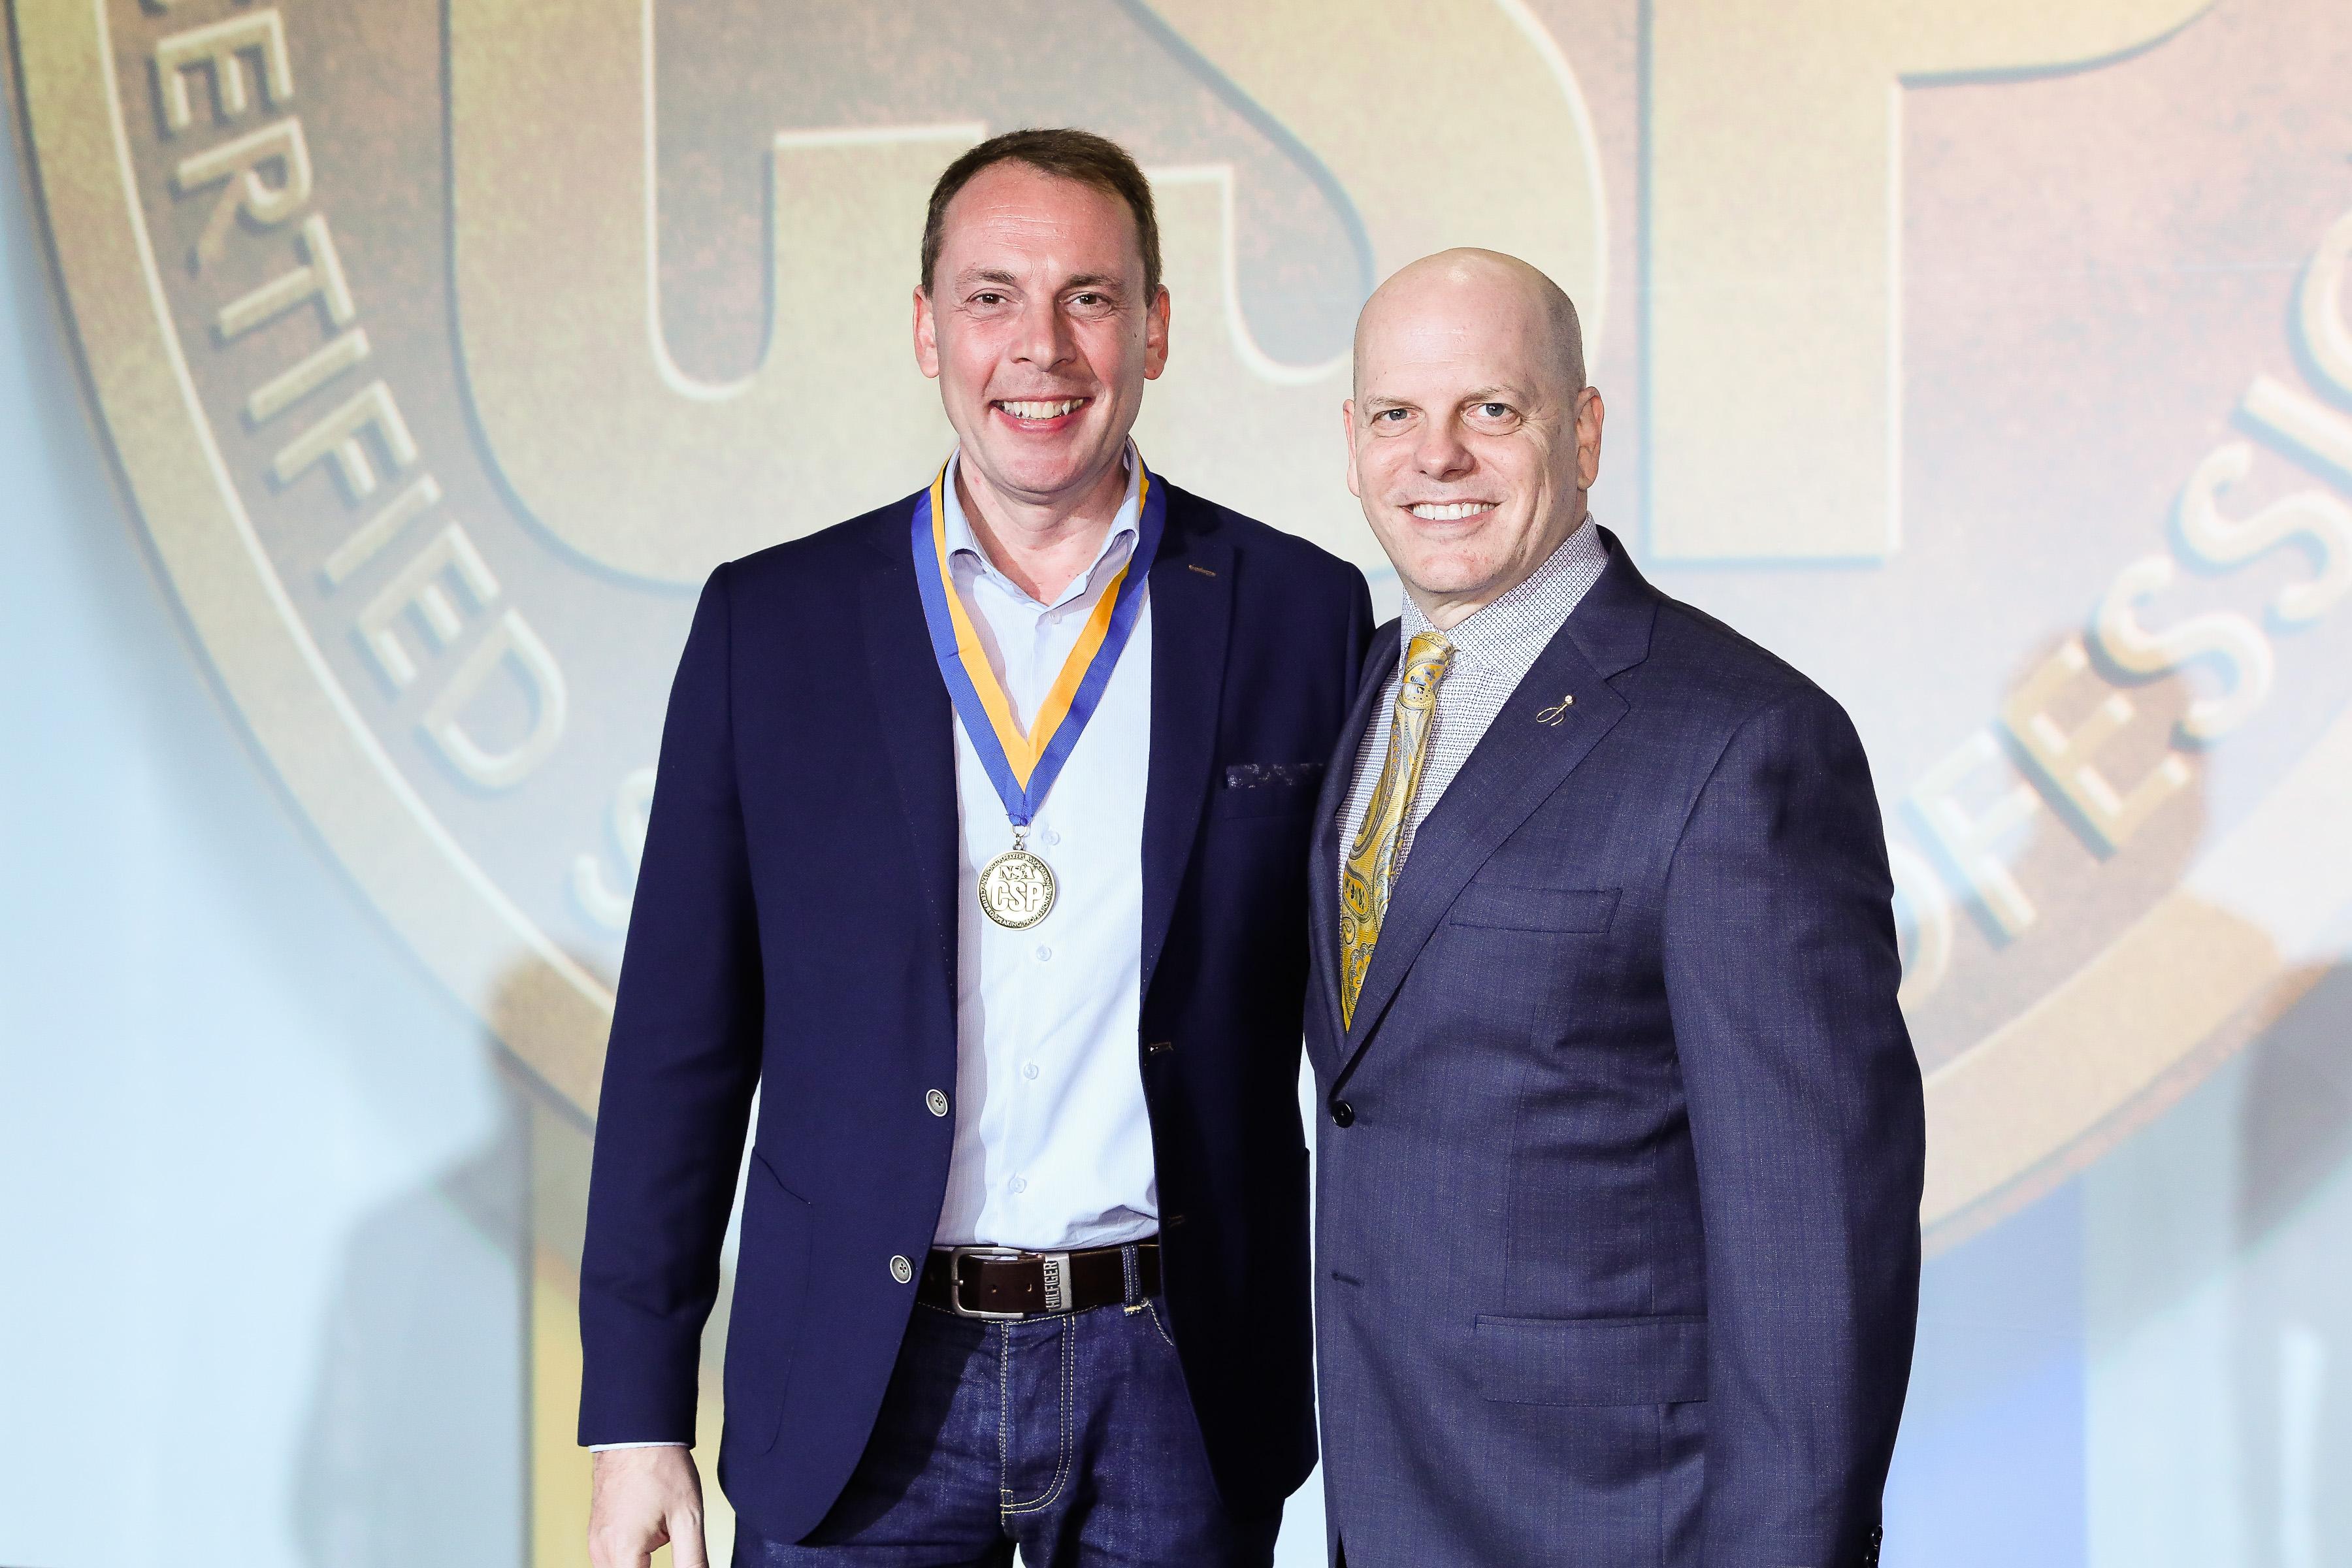 CSP Verleihung mit Brian Walter, Präsident der NSA (National Speakers' Association)